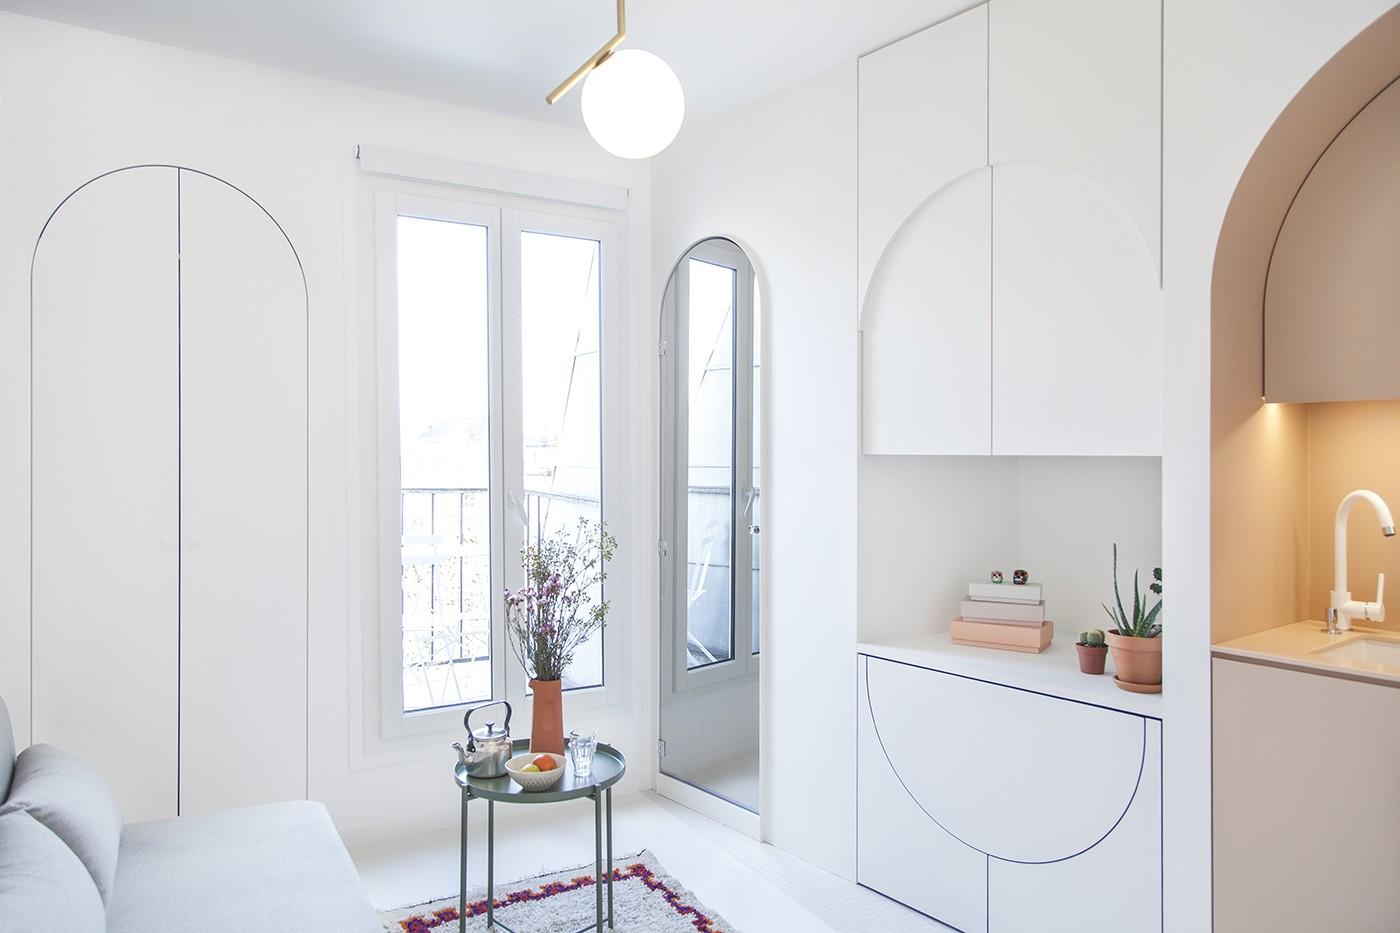 batiikstudio-architecture-interieur-paris-studio-petitesurface-chambre-de-bonne-designer-cadence-23-1